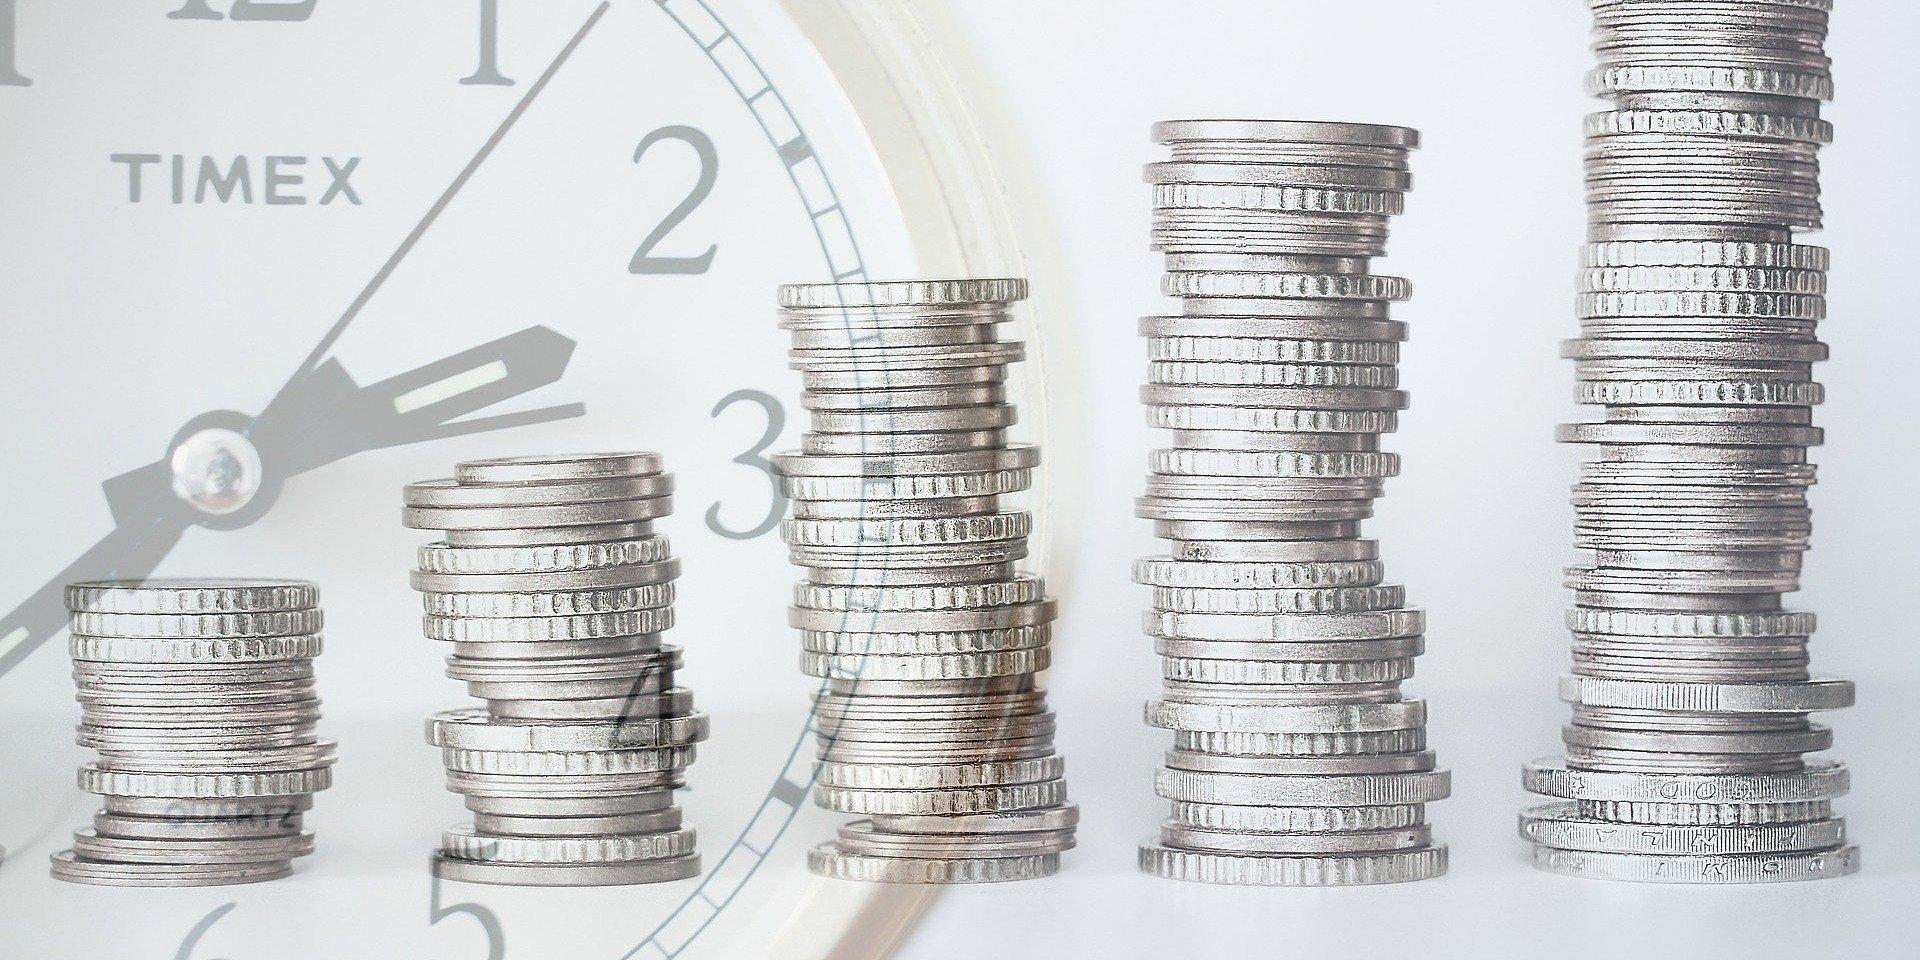 Dolnośląskie – druga tura bezzwrotnych dofinansowań unijnych na kapitał obrotowy dla mikro i małych przedsiębiorców